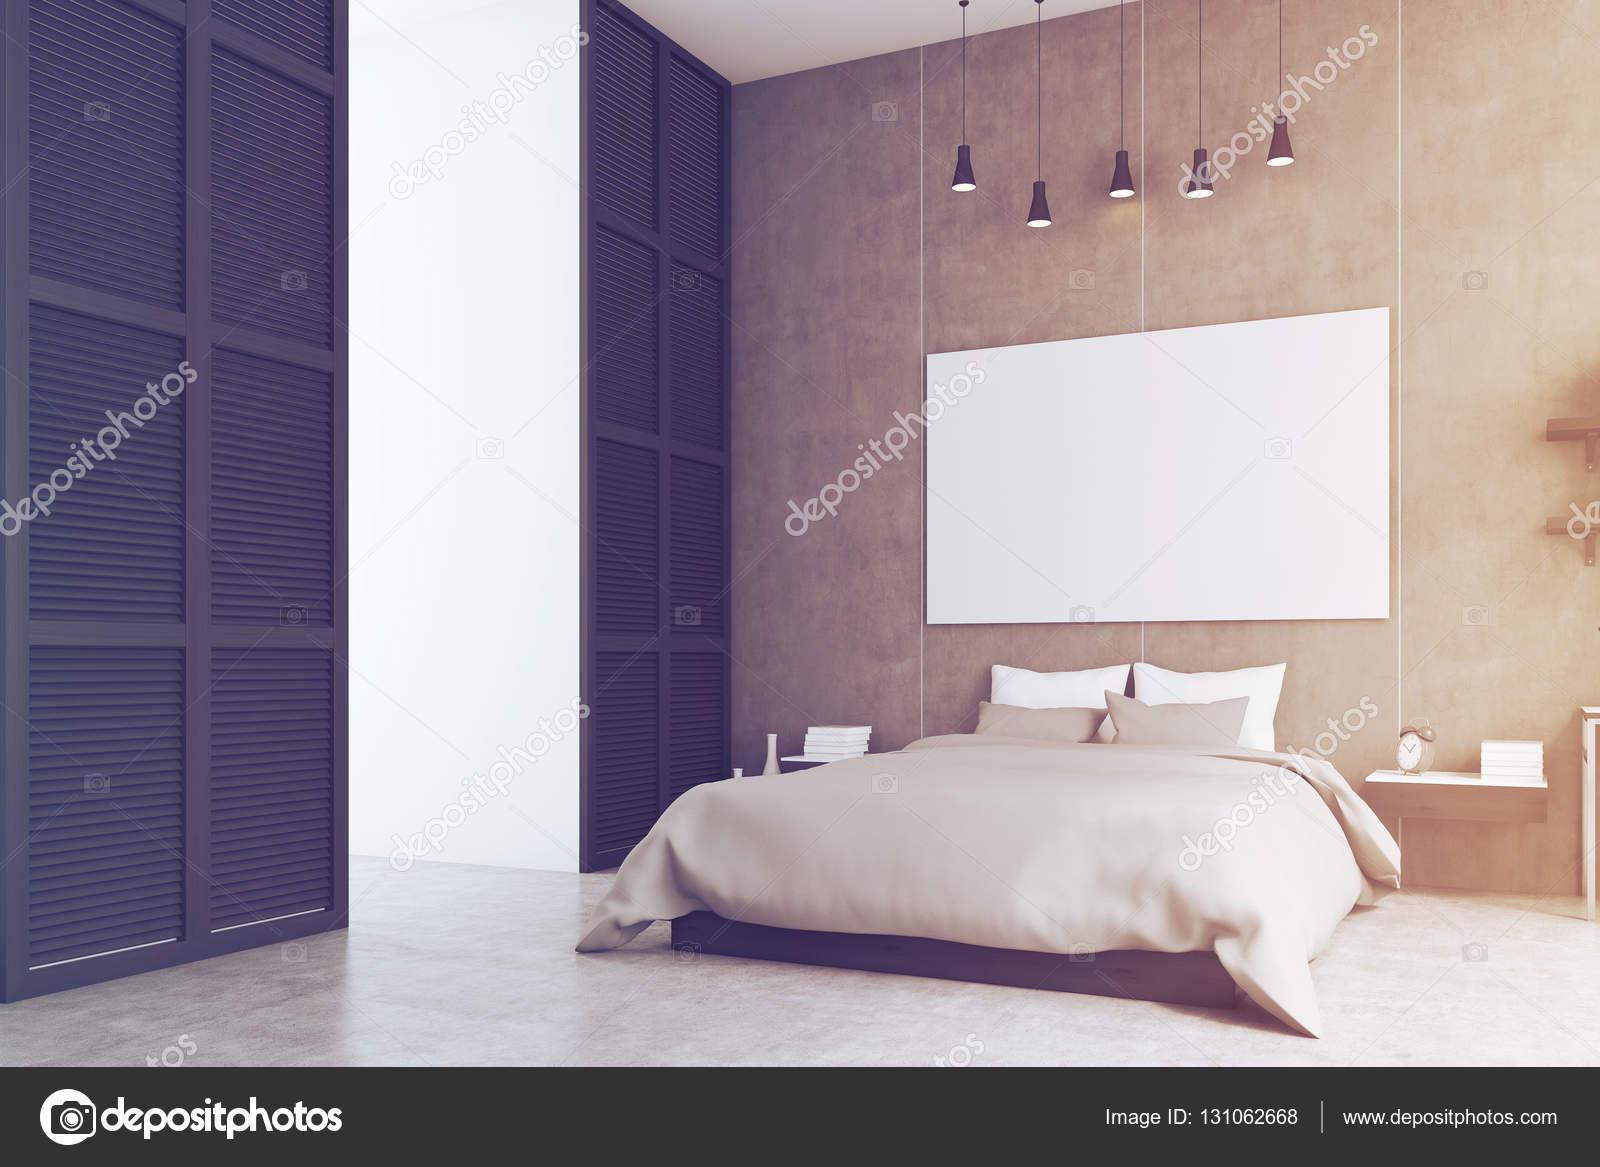 Camera da letto con poster e una finestra in un muro nero tonica foto stock denisismagilov - Poster camera da letto ...